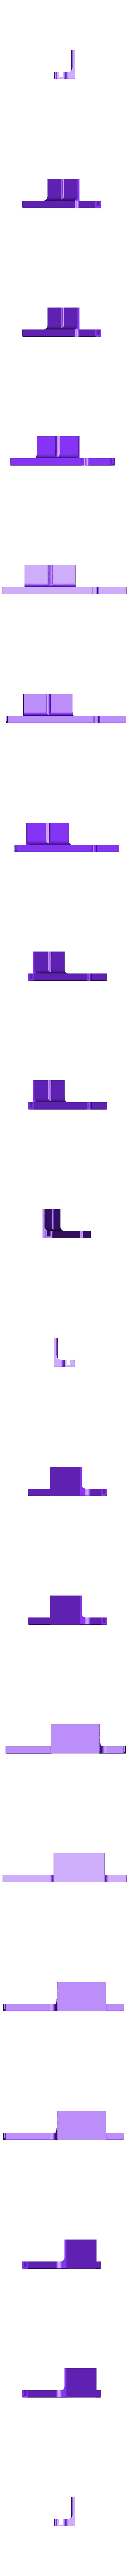 Rail Bajo V.2.stl Télécharger fichier STL gratuit Support de plaque d'immatriculation de moto • Modèle à imprimer en 3D, Ginesor